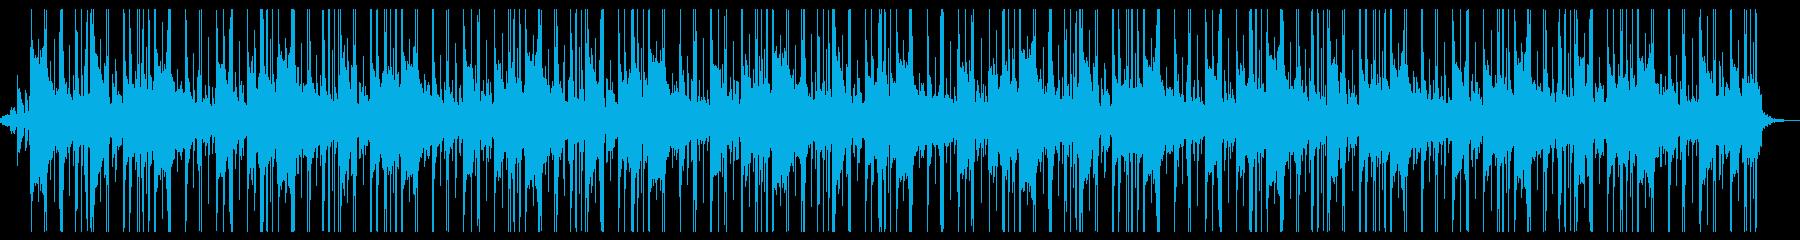 神秘的で透きとおるBGMの再生済みの波形